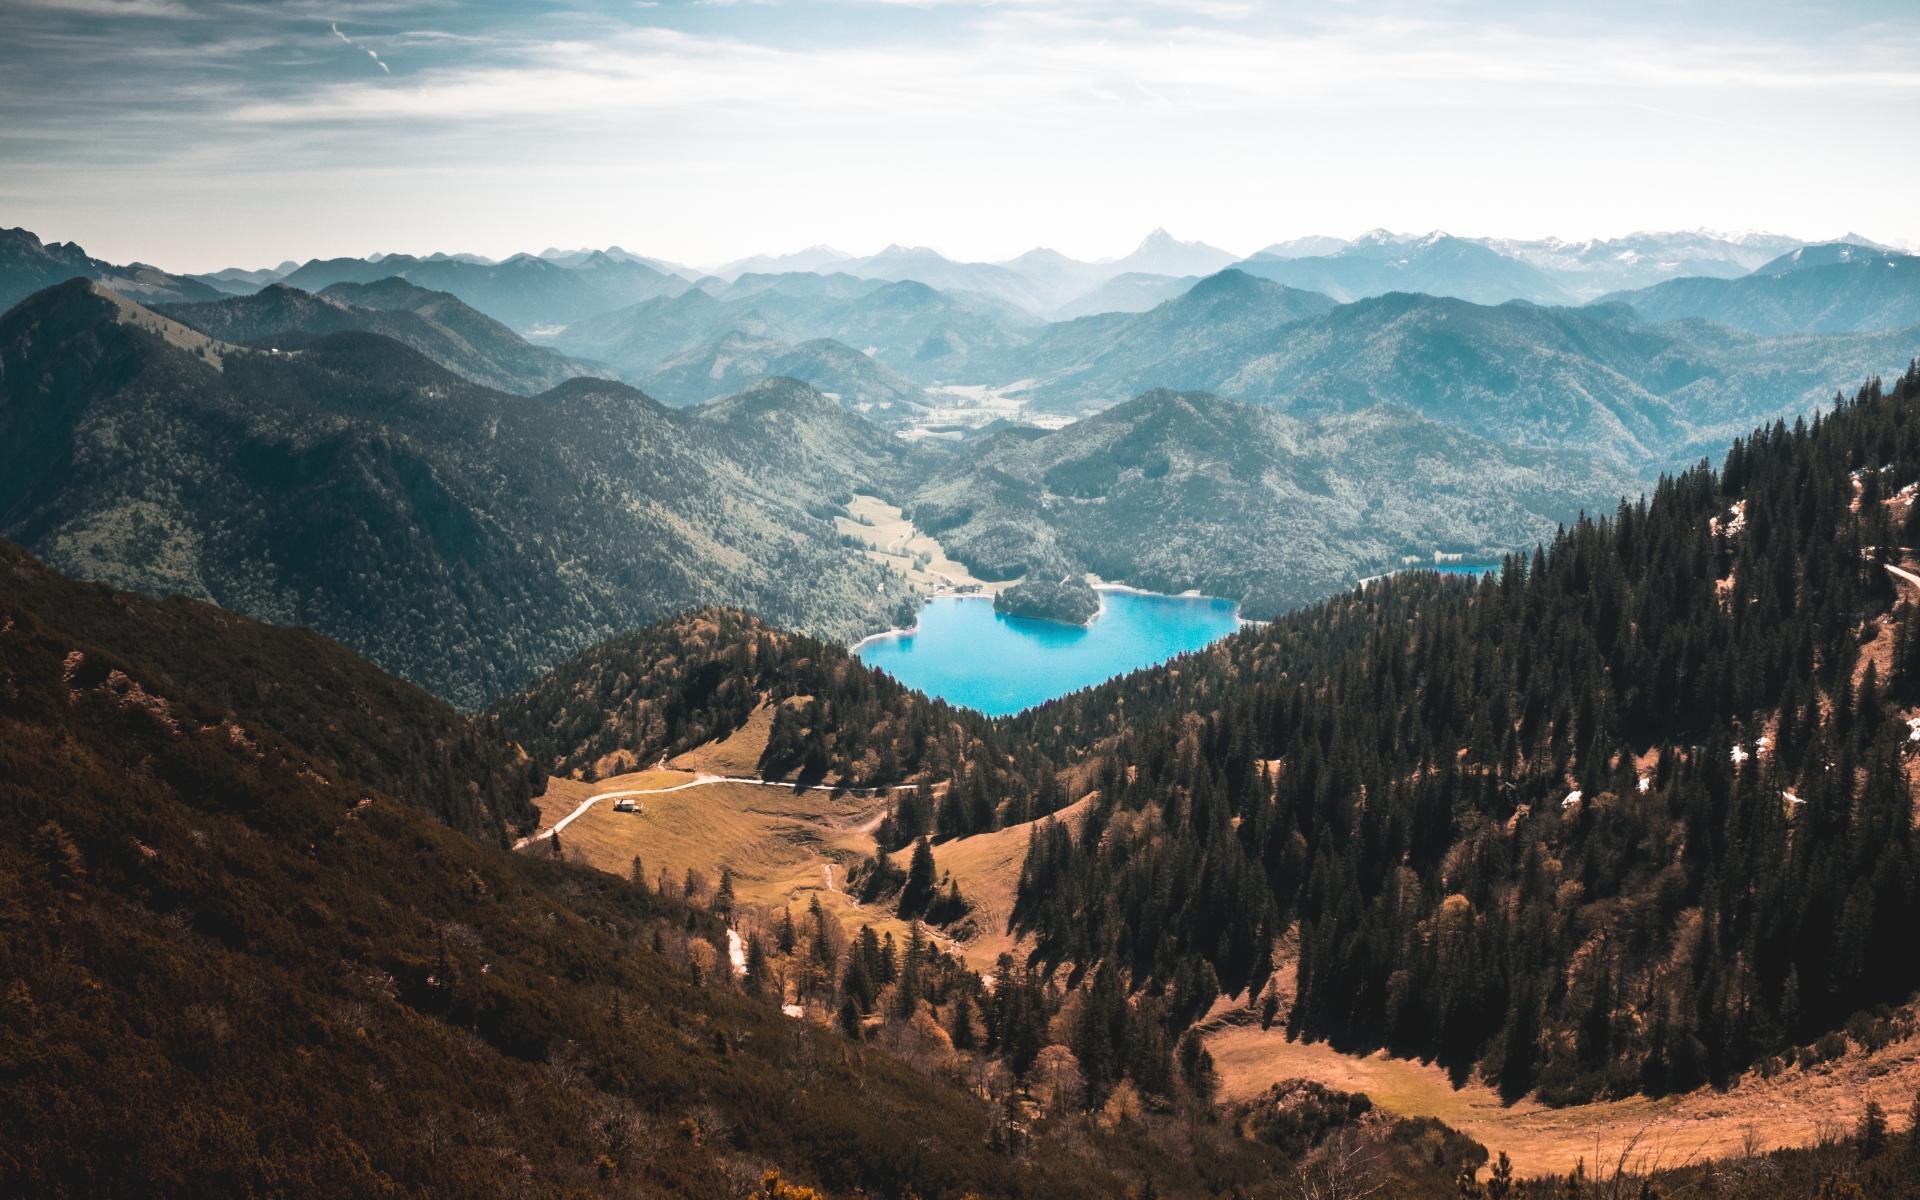 Картинки Walchensee, горы, озеро, кохель, германия фото и обои на рабочий стол